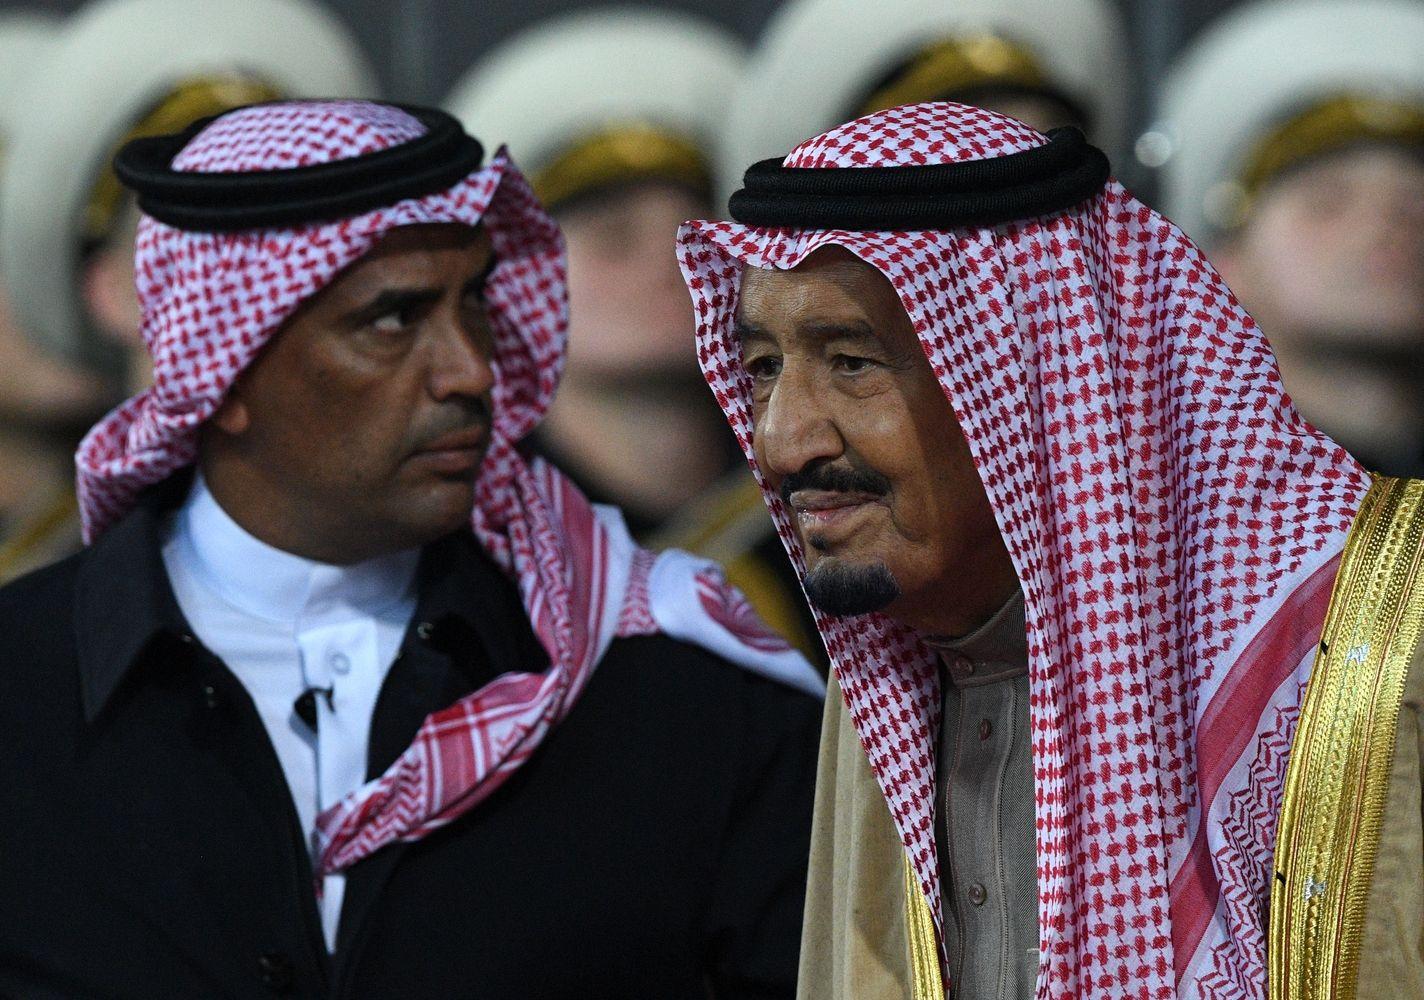 Saudo Arabijos karalius vizitui į Rusiją atsivežė 1.500 žmonių palydą